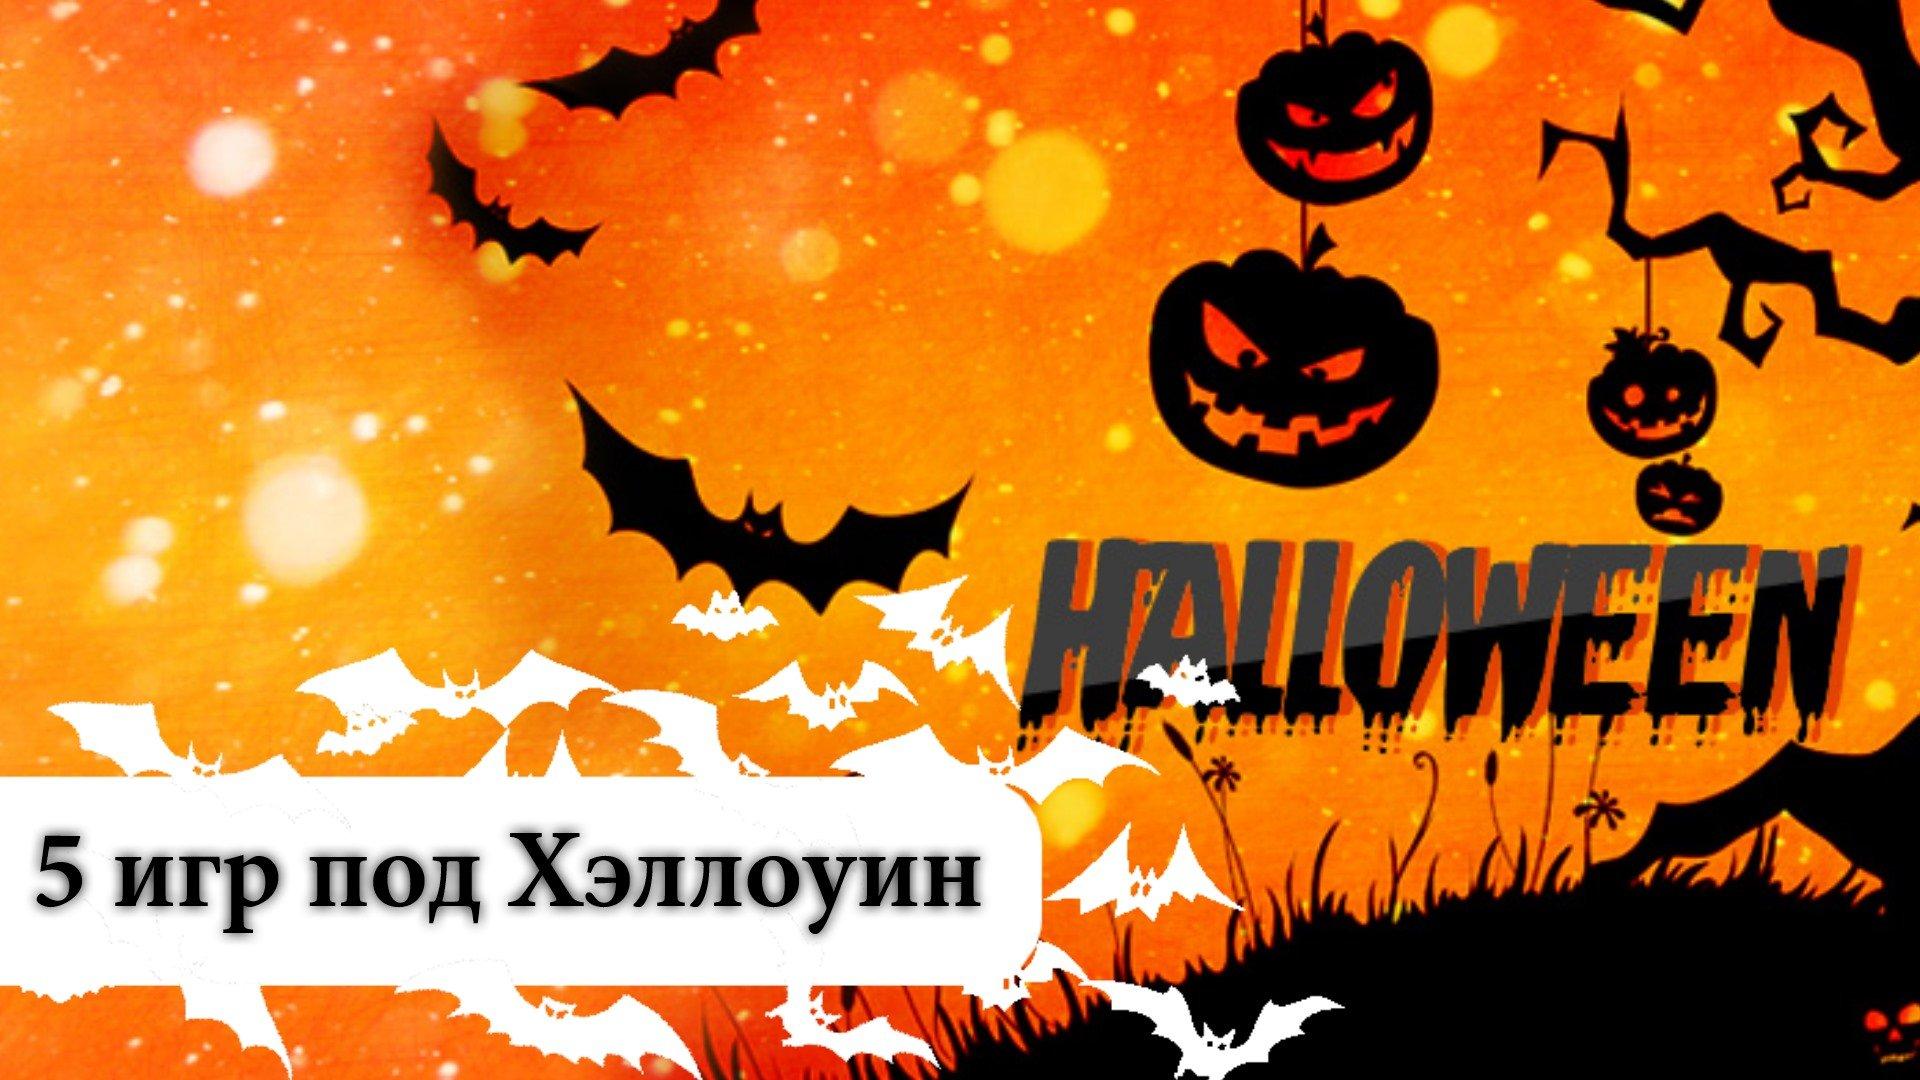 5 игр под Хэллоуин - Изображение 1